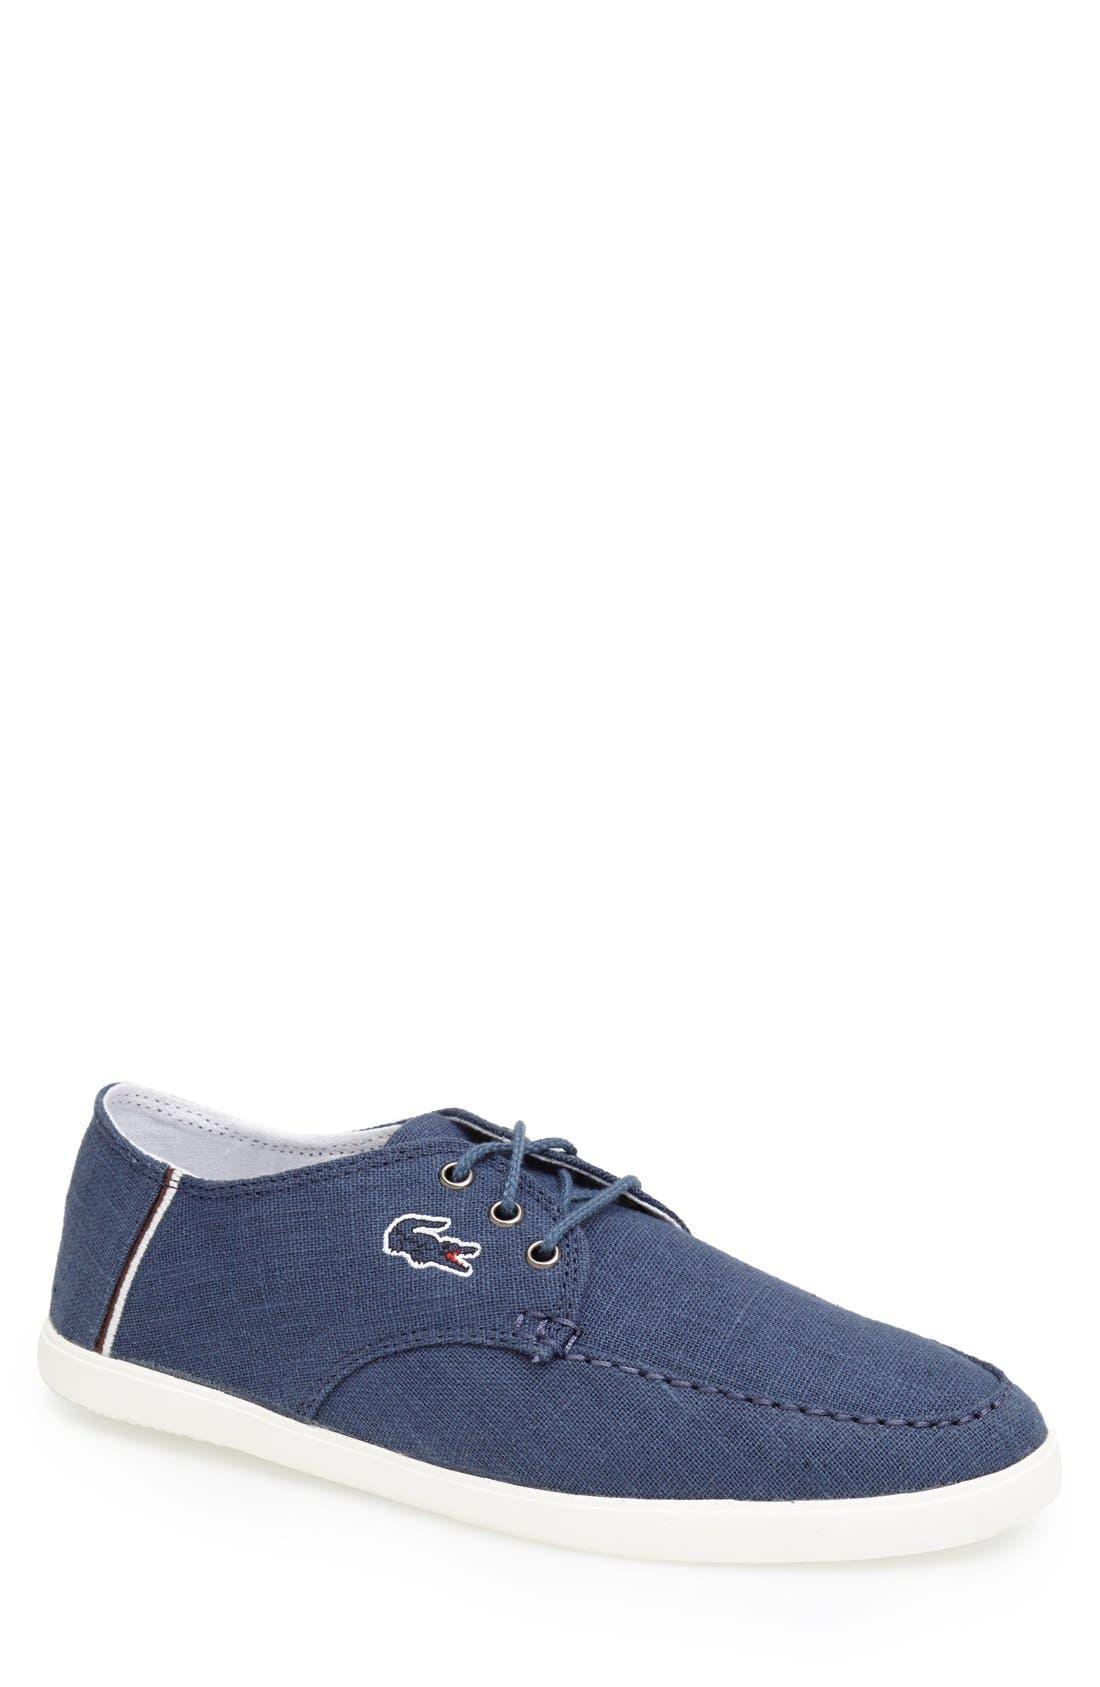 Alternate Image 1 Selected - Lacoste 'Artiside 12' Sneaker (Men)